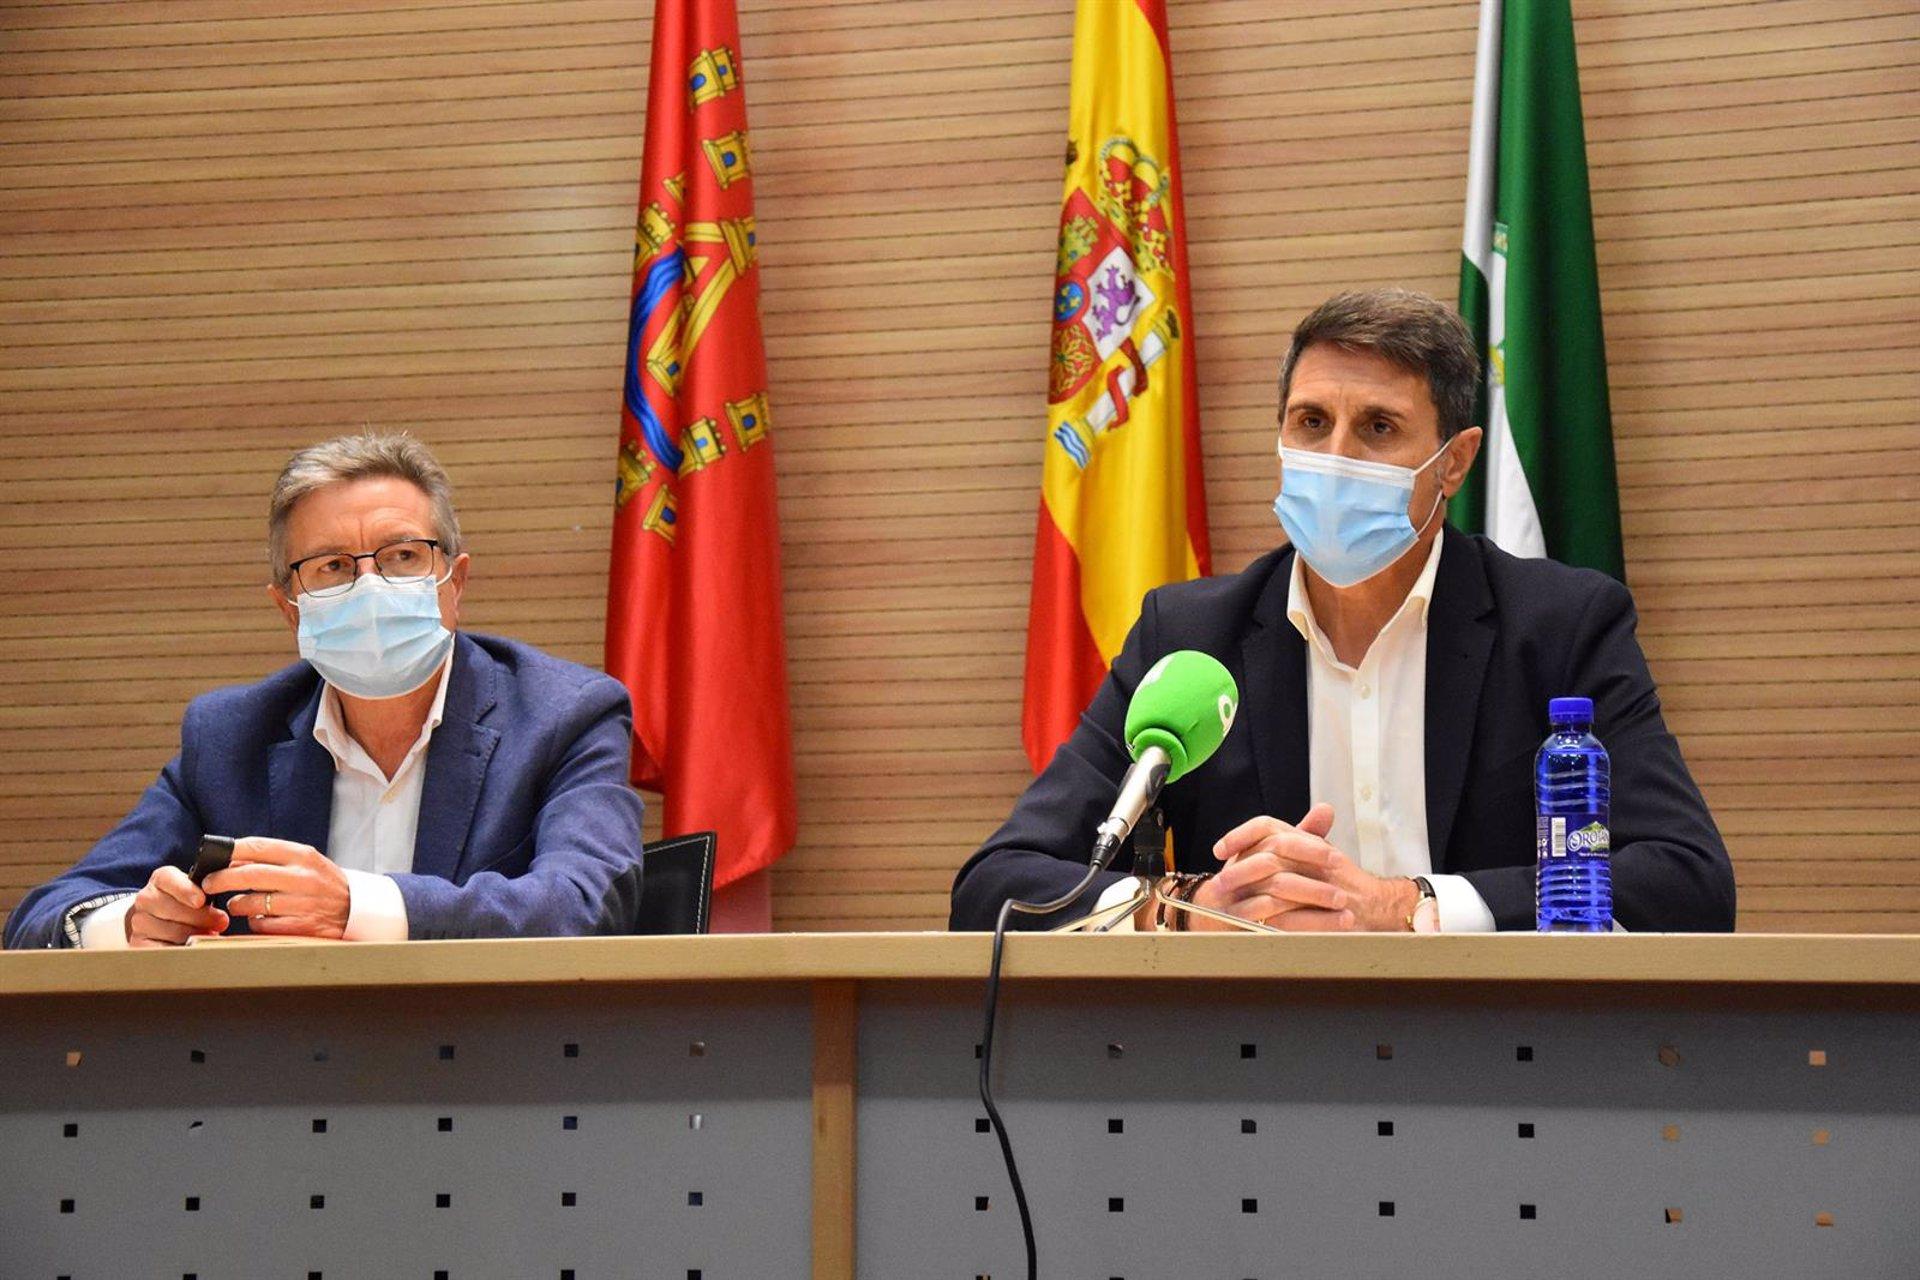 Manuel Gavilán podría ser el nuevo alcalde de Baza tras la renuncia de Pedro Fernández